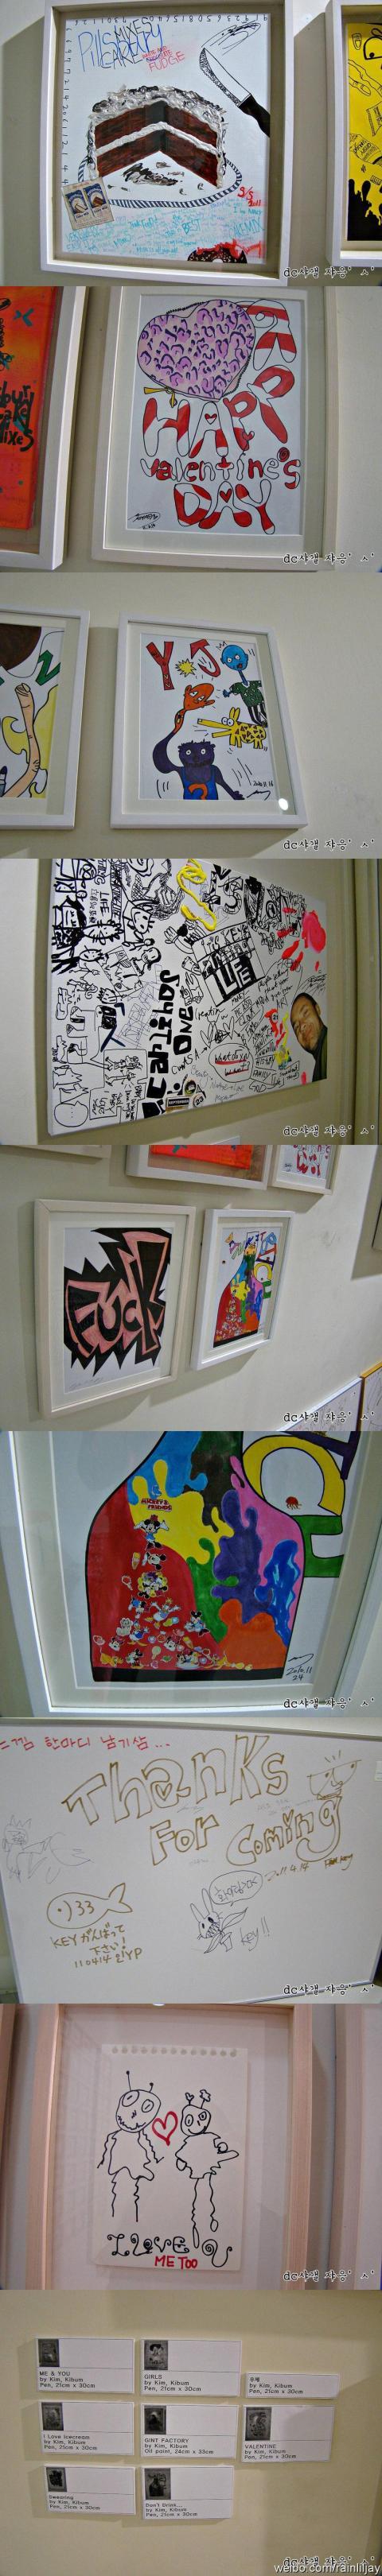 [News] Arte de Key foi enviada para uma Exposição de Arte 313